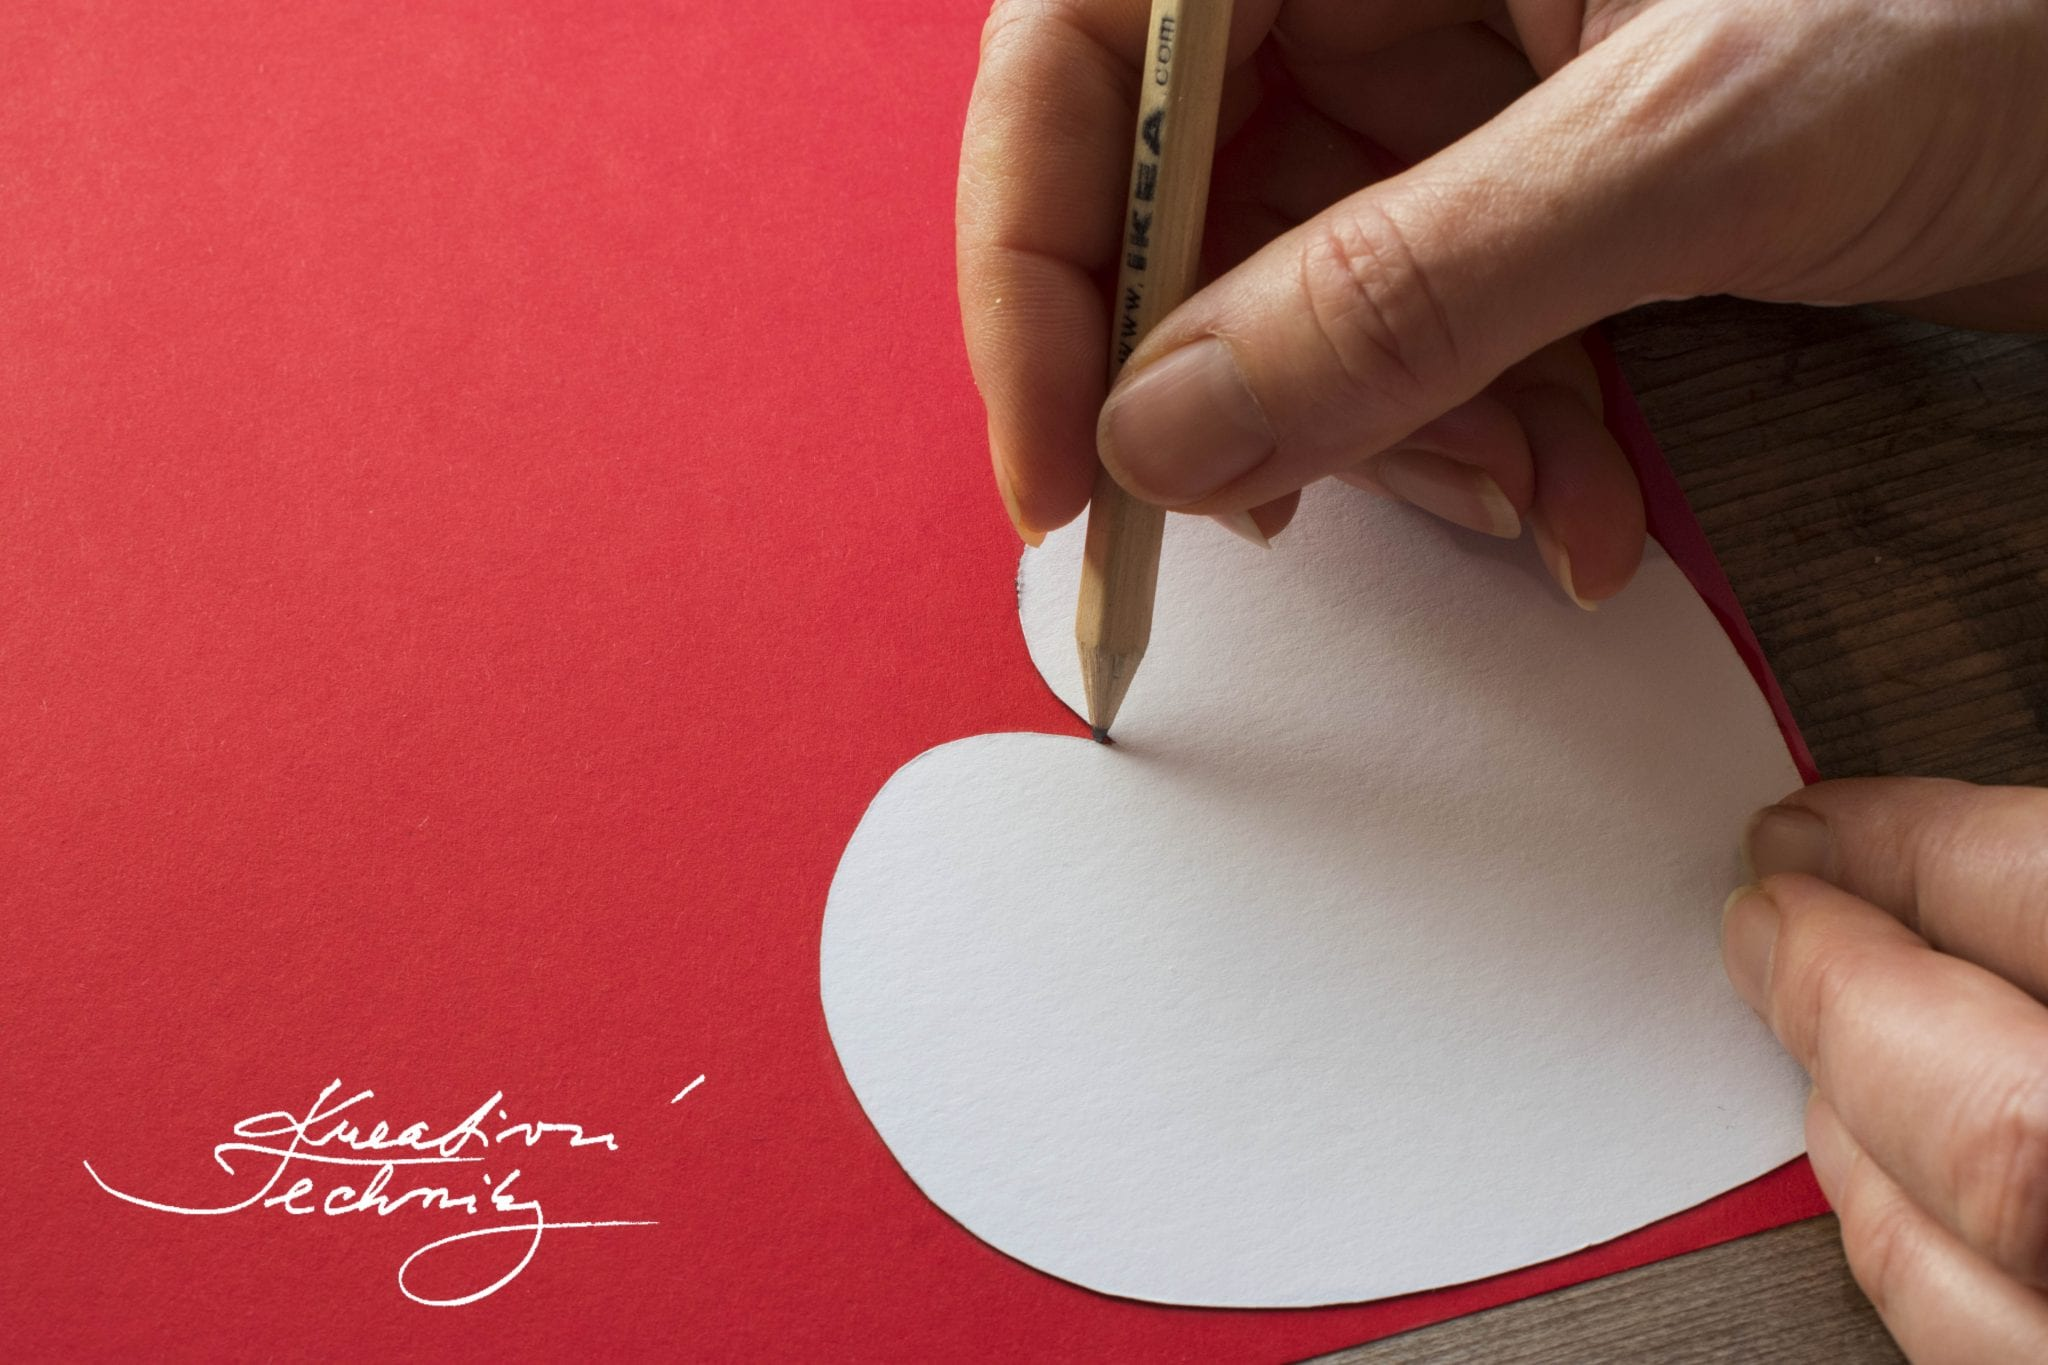 Valentýn, Valentýnské tvoření, DIY, valentýnská dekorace, výroba dekorace, svátek svatého Valentýna, srdce, šablona srdce